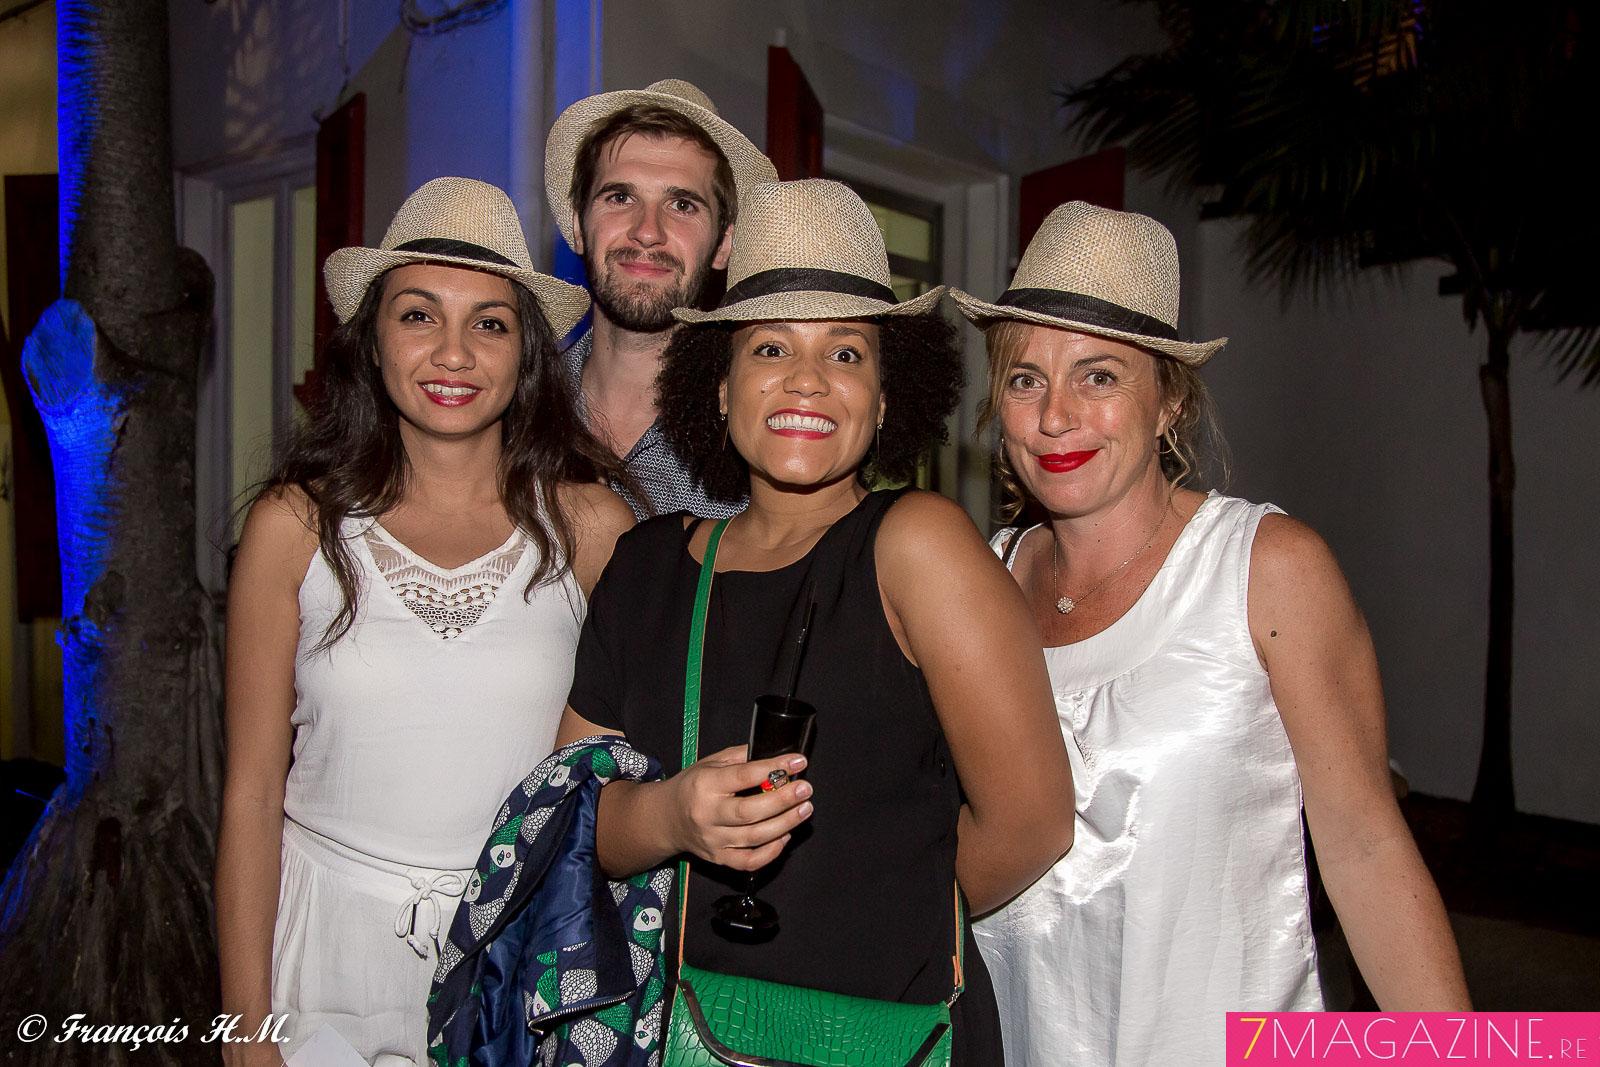 Jade Law Ham Tien, chargée de projet Digital Nautilus, Simon Larue, directeur Digital Nautilus, Céline Biron, conceptrice rédactrice Nautilus, et Céline Pasquino